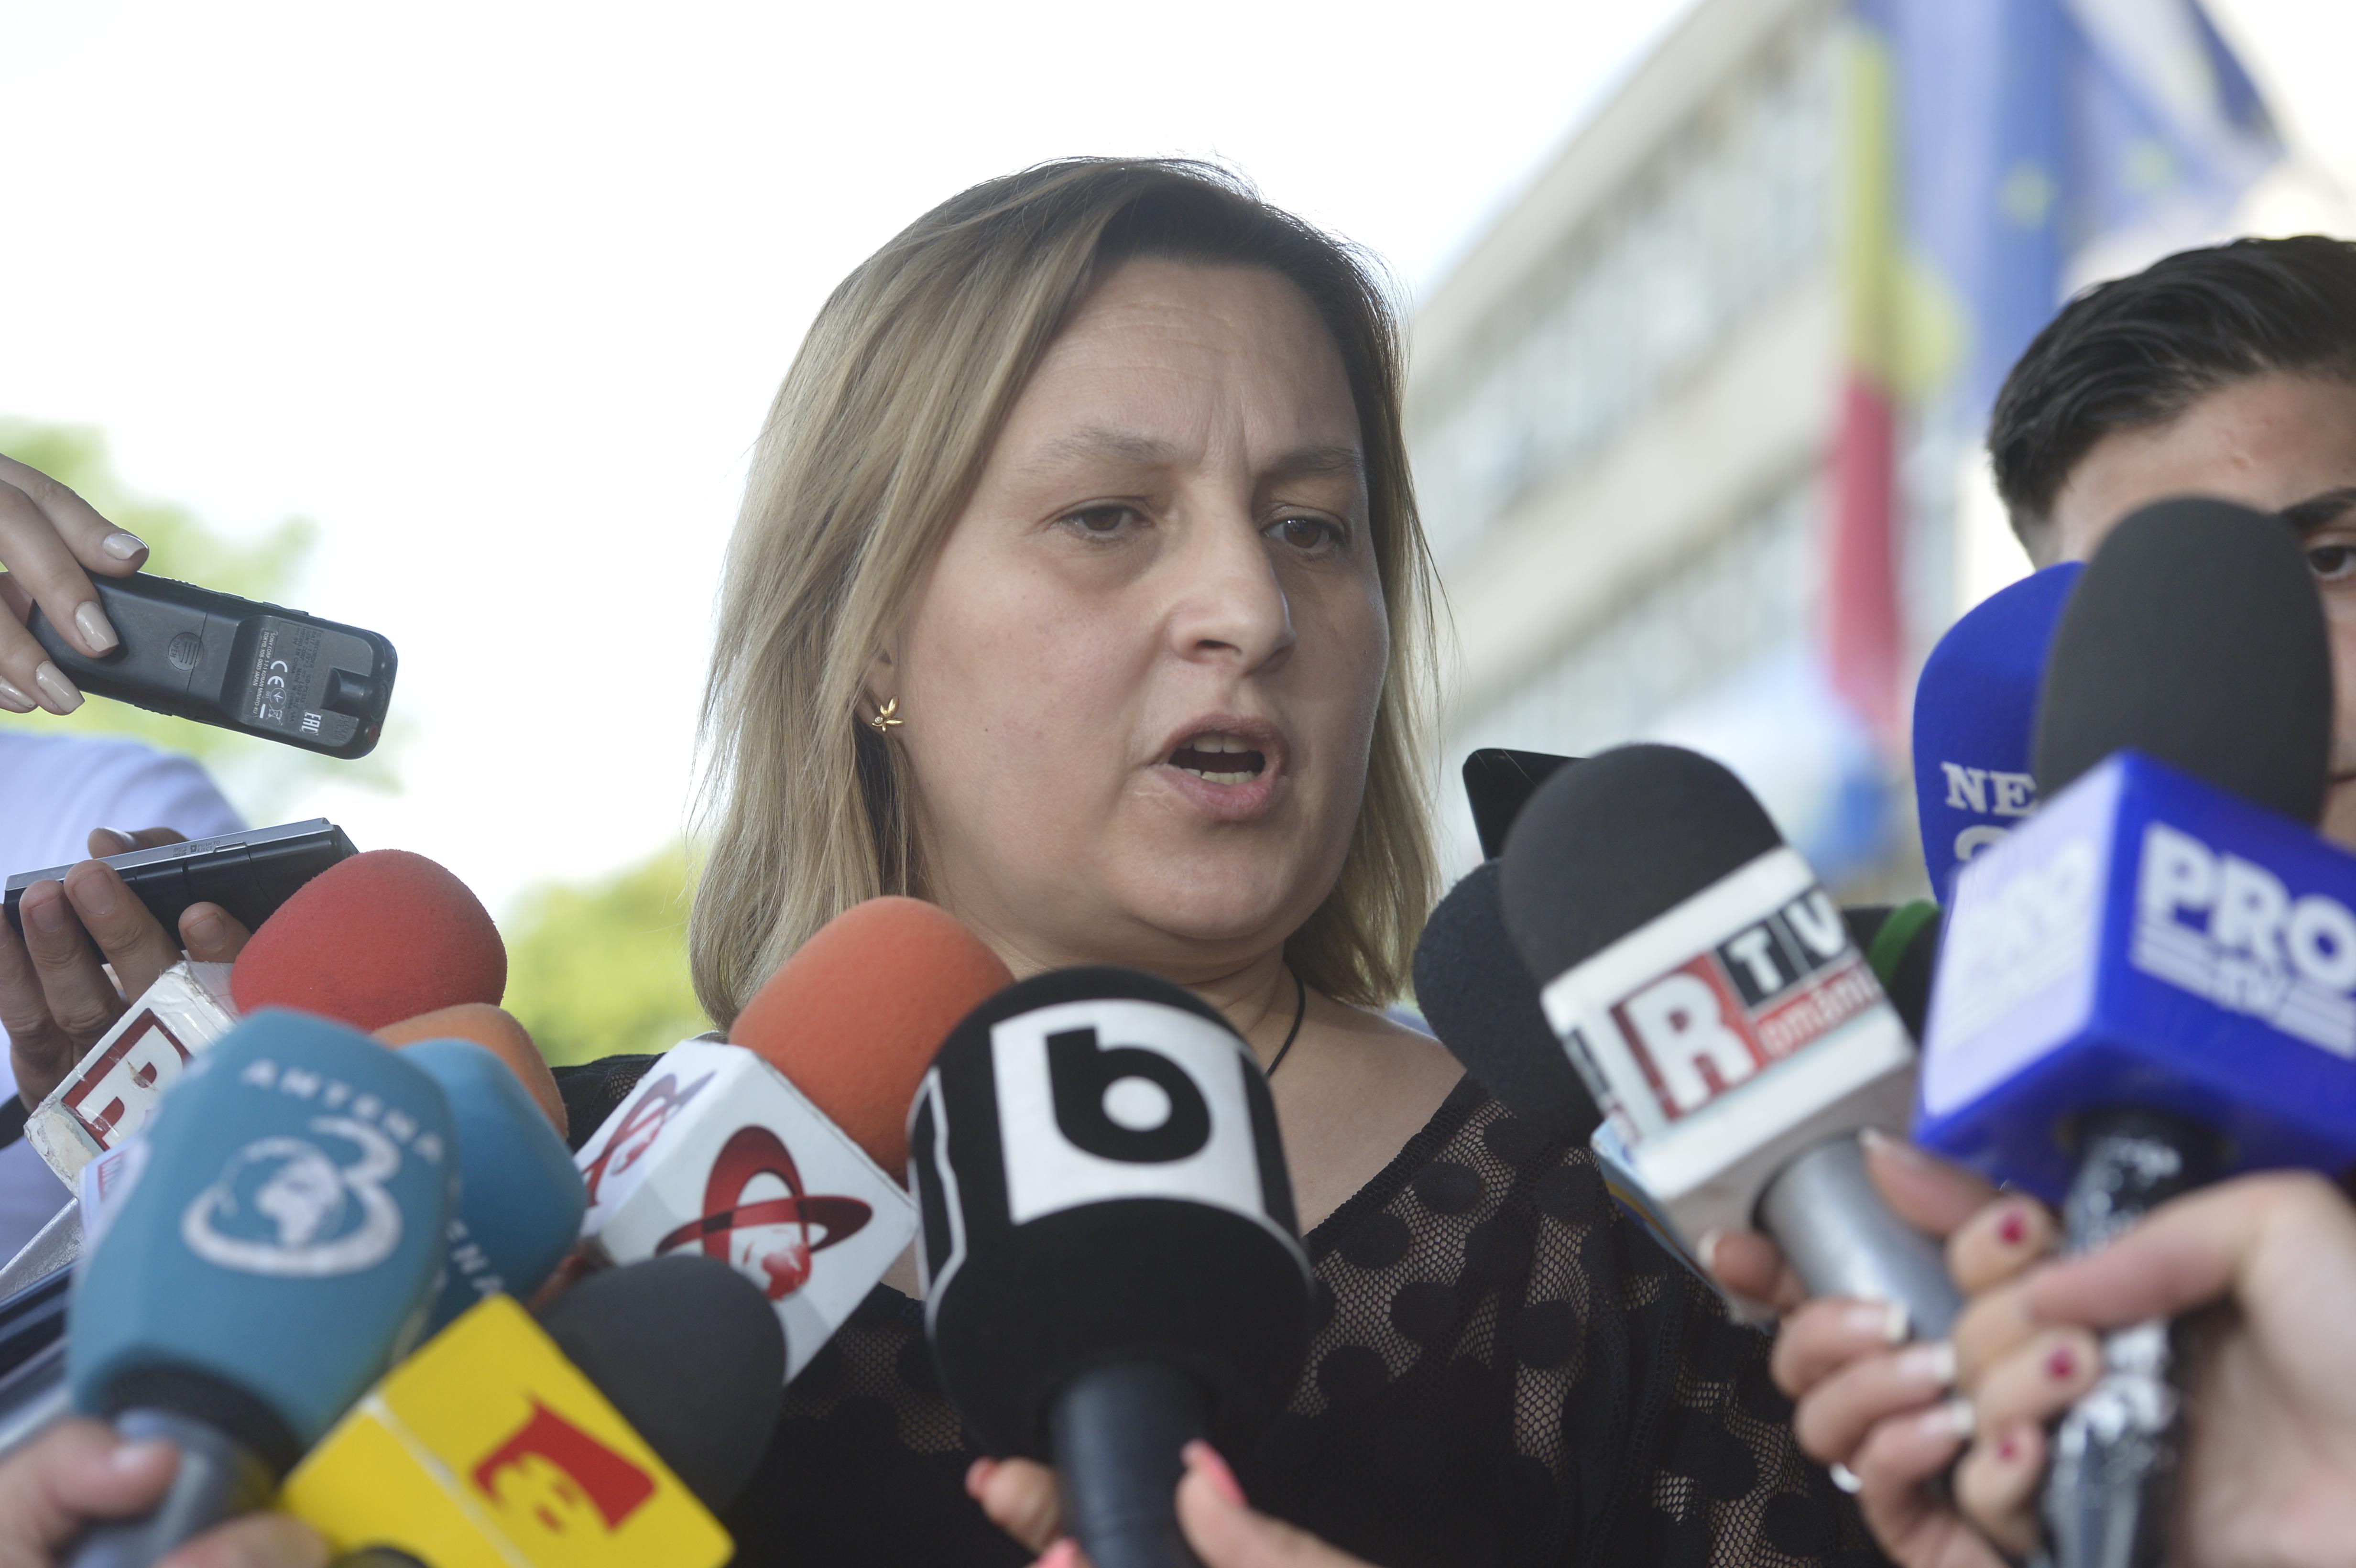 Mihaiela Iorga, la DNA Ploieşti: Am venit pentru că am fost citată. Nu ştiu de ce, voi afla/ Reacţie după întâlnirea cu ministrul Justiţiei: Un procuror revocat din DNA nu este unul lipsit de drepturi